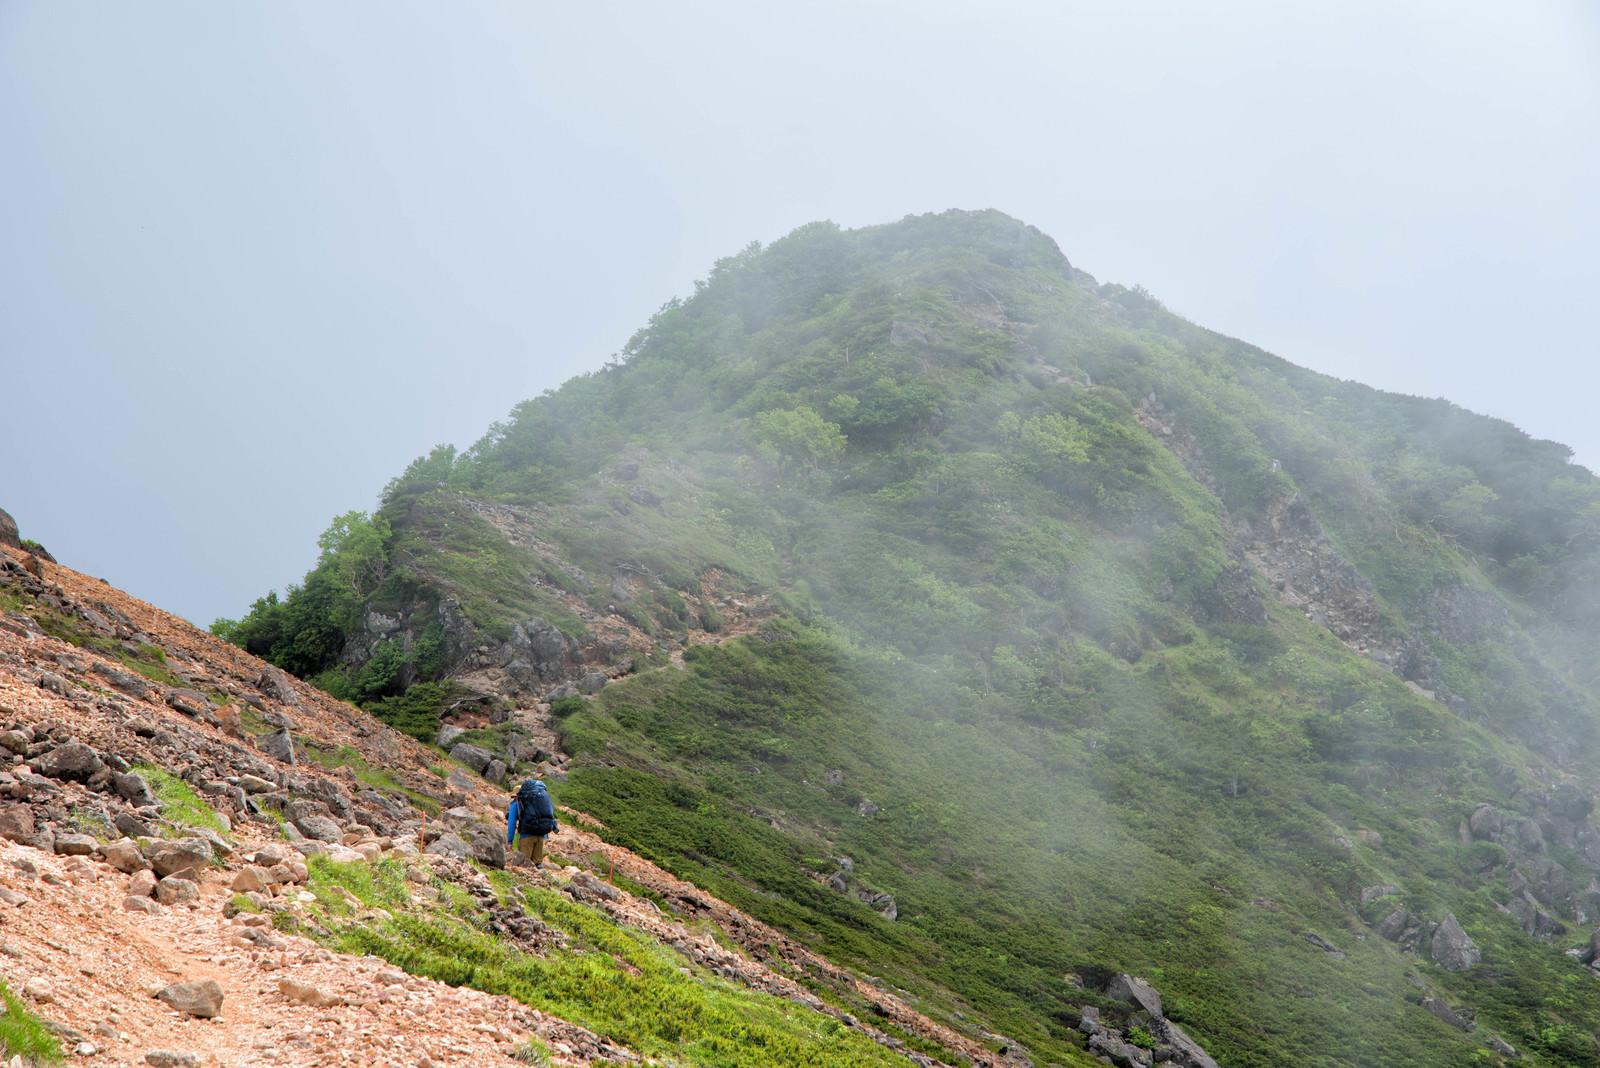 「雲に覆われた稜線を歩く登山者」の写真